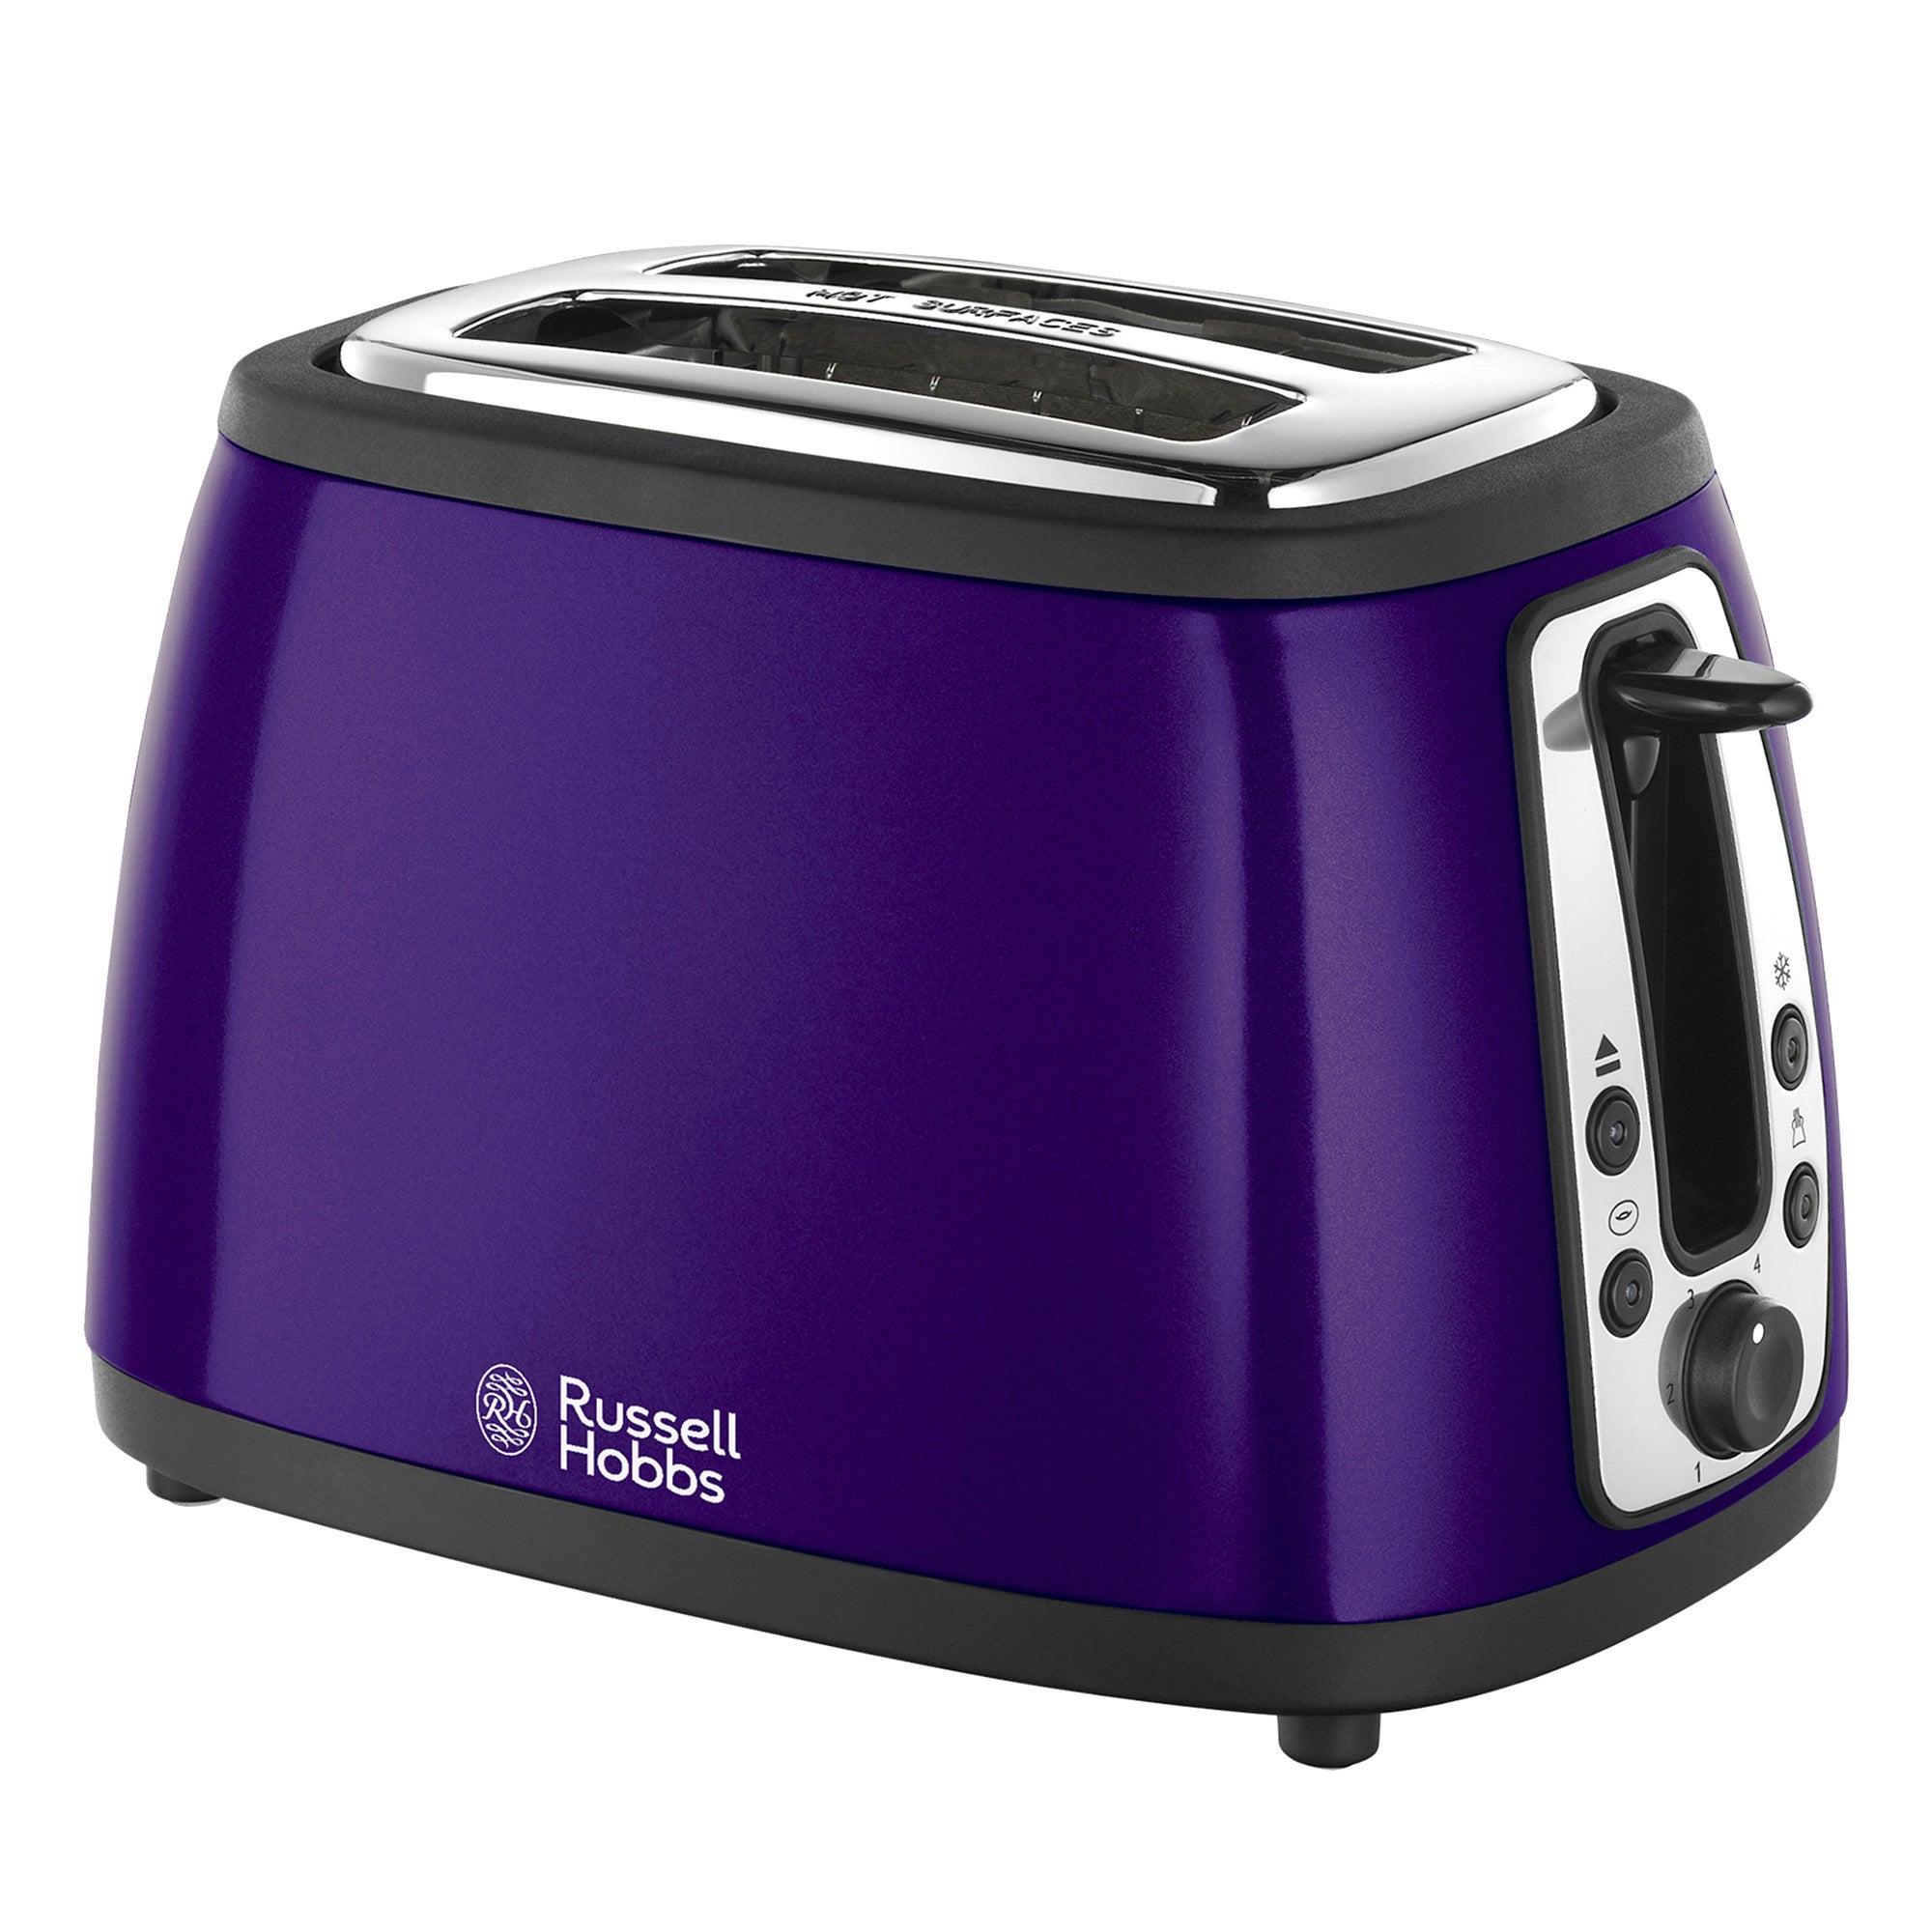 Russell Hobbs Heritage 19153 Purple 2 Slice Toaster